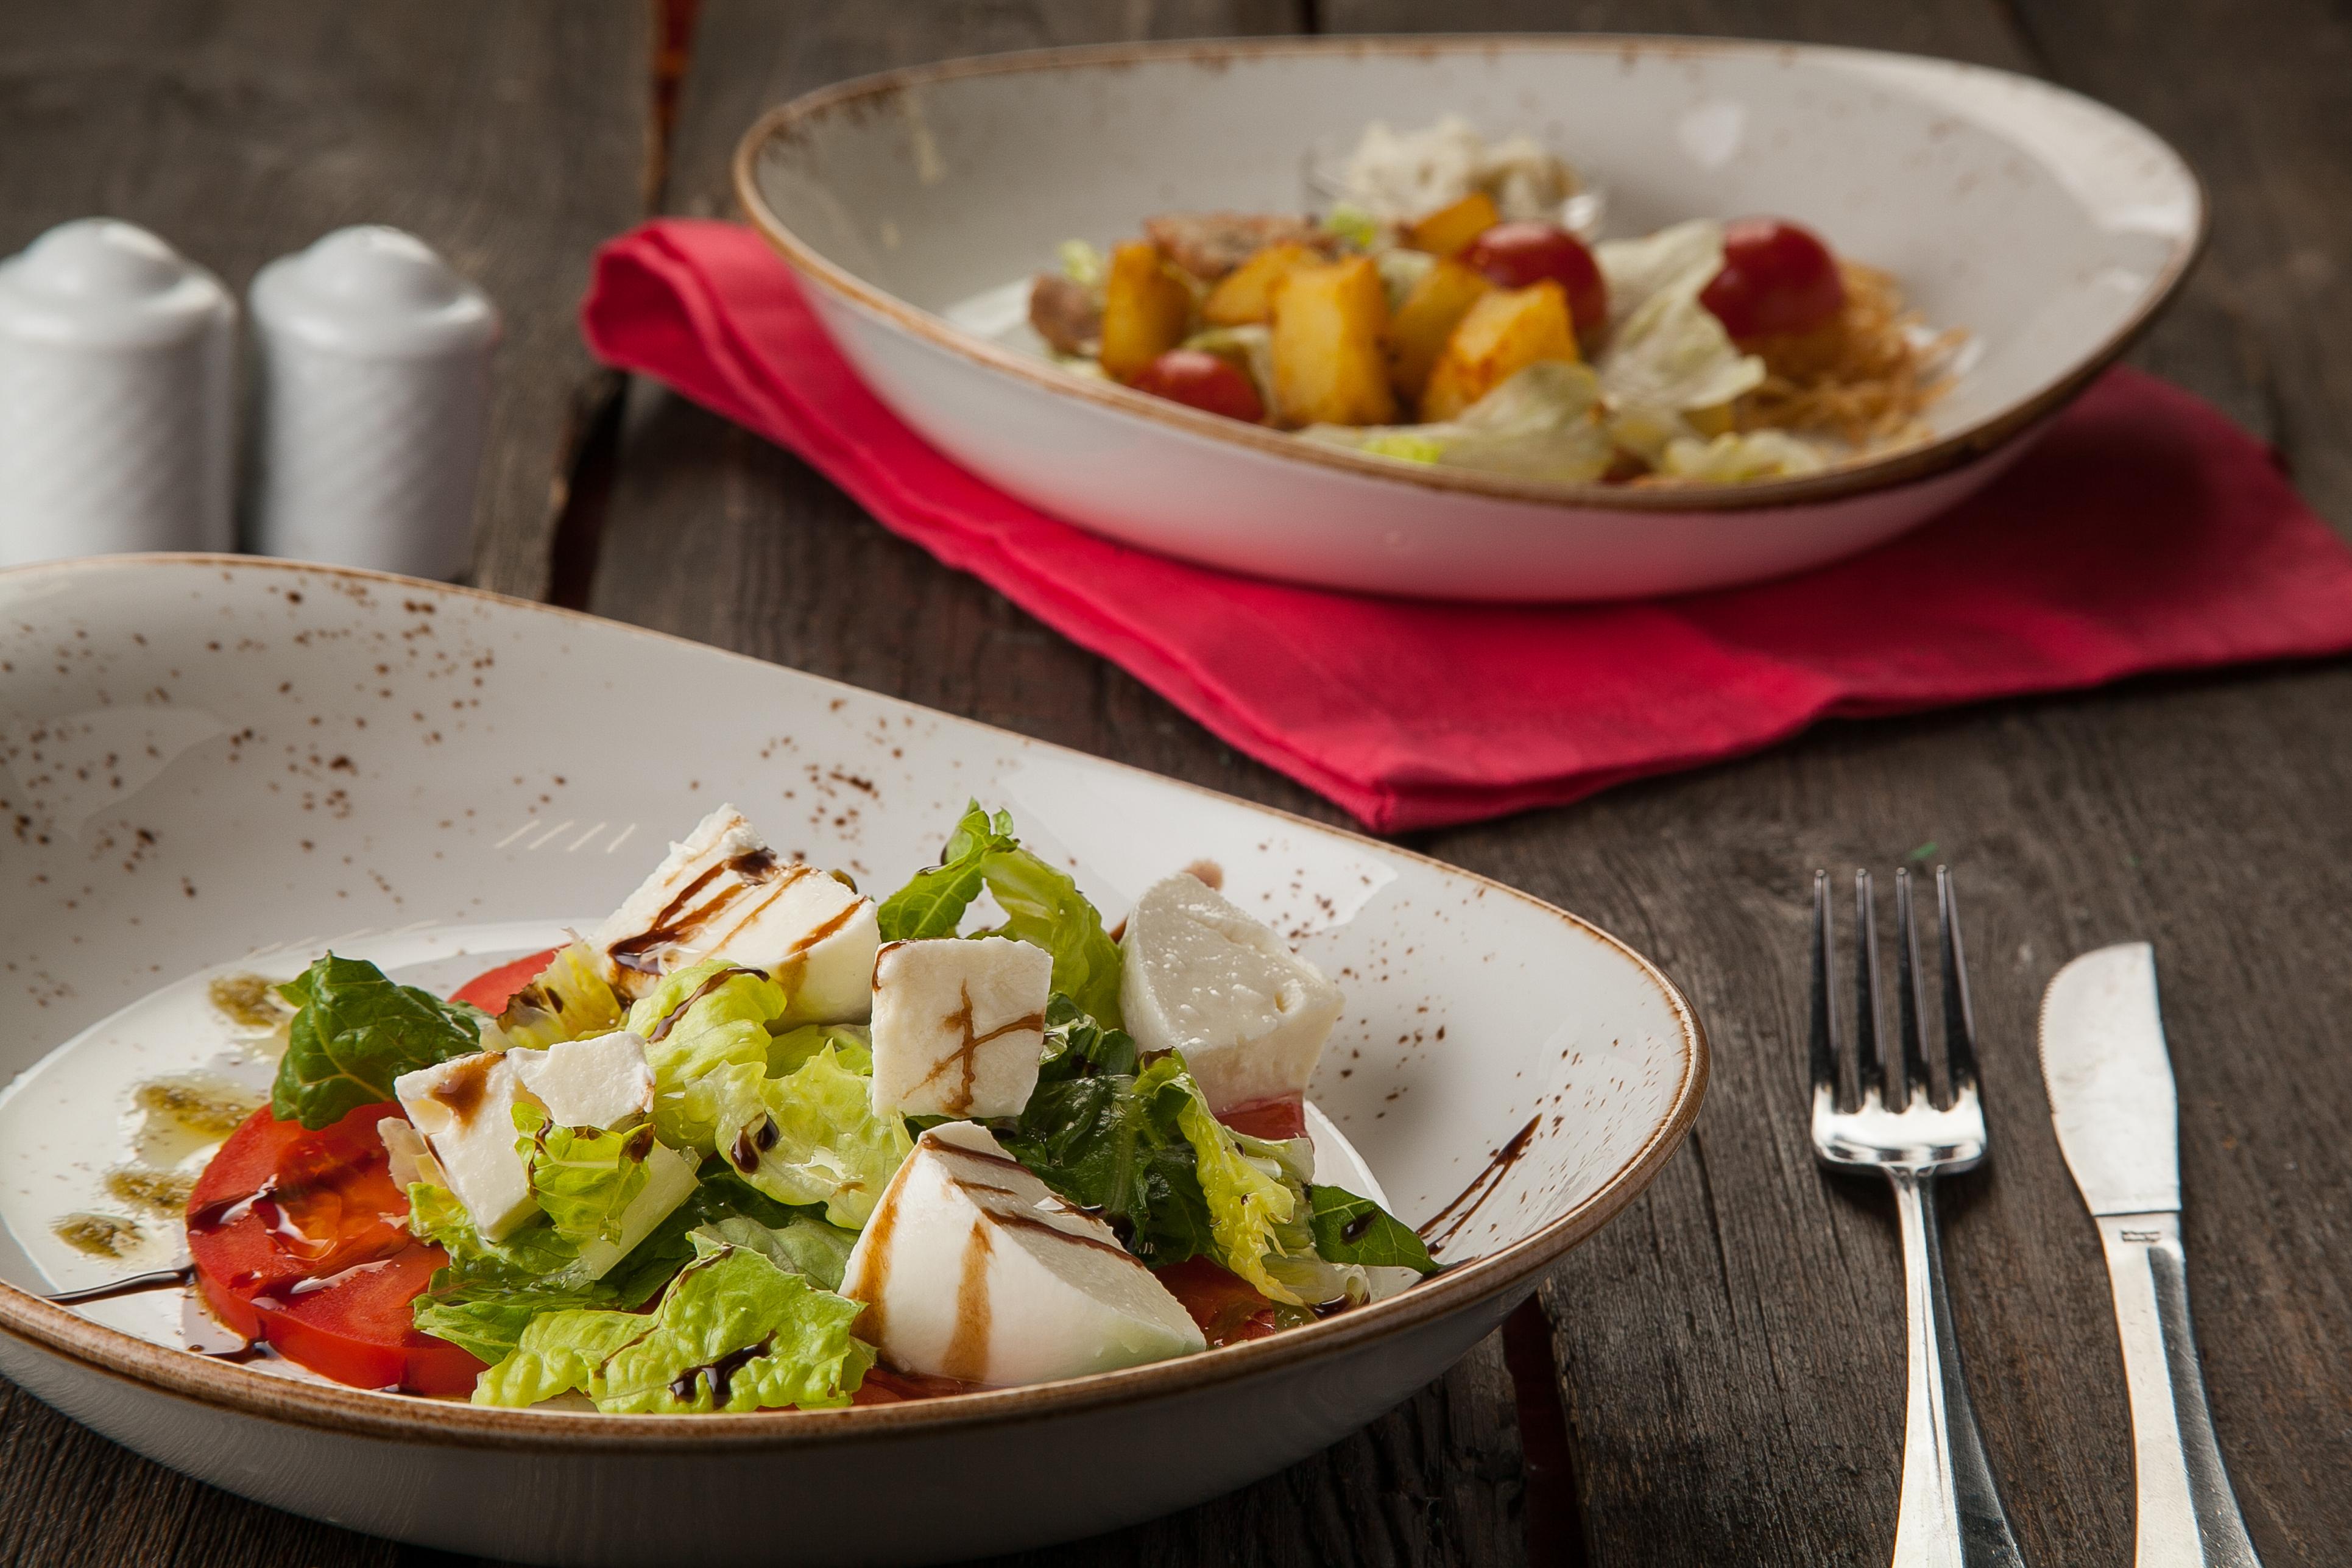 салат от шефа ресторанного типа фото оладьи творогом кефире